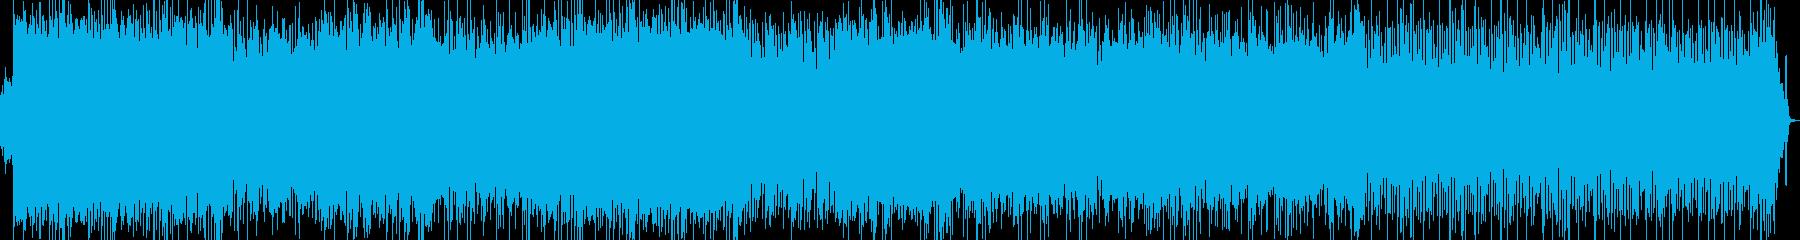 テクノポップ系の再生済みの波形